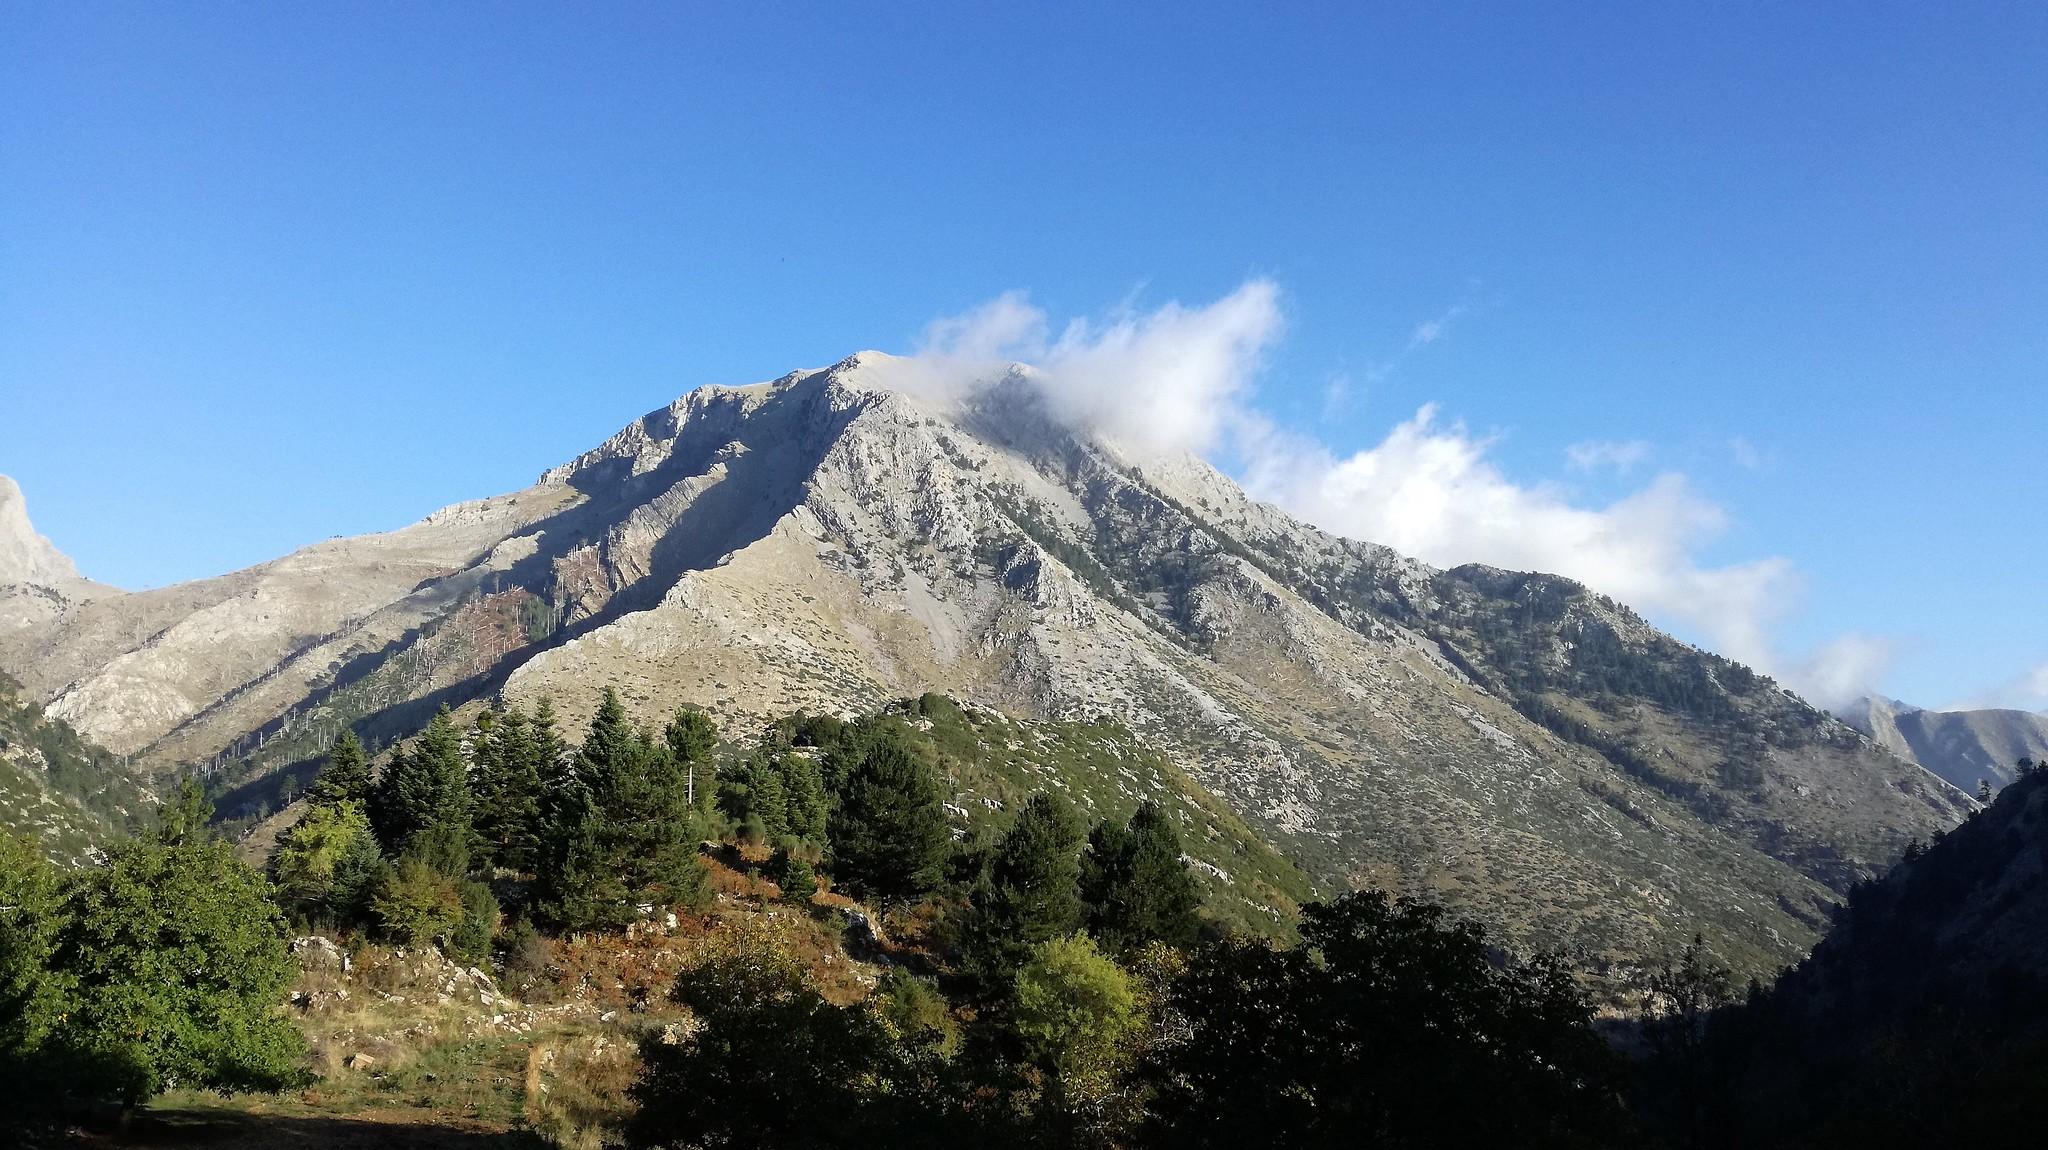 ΕΟΣ Καλαμάτας: Ανάβαση στο Τραγοβούνι Ταϋγέτου (Κυριακή 20 Σεπτεμβρίου 2020)